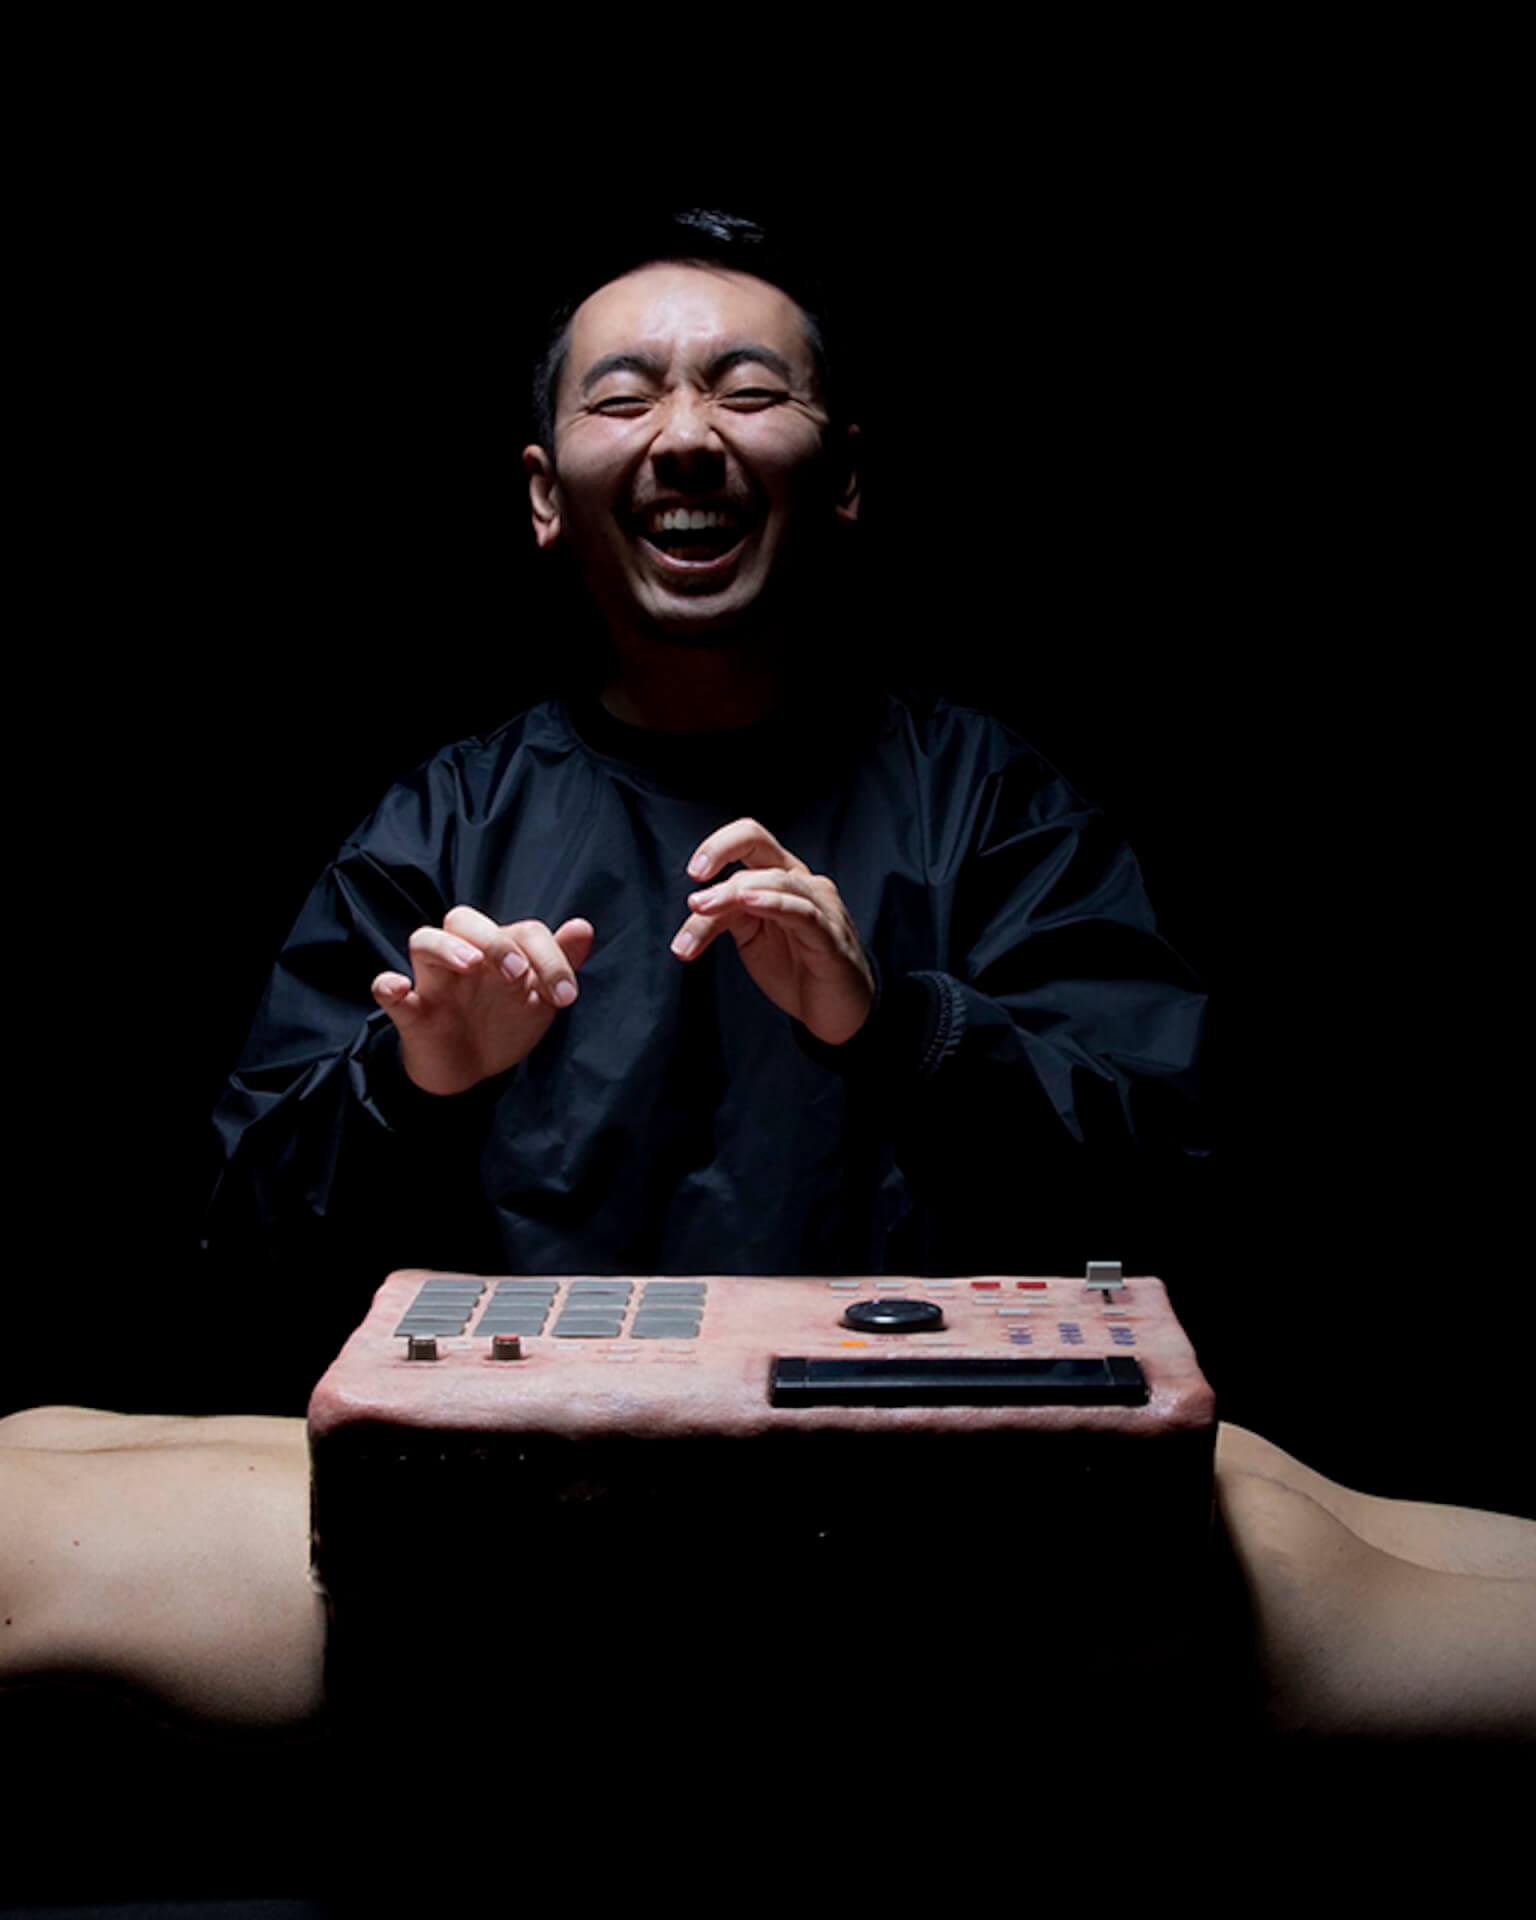 韓国内外で高い評価を受けるヒップホップ・デュオ、XXXの来日公演が開催 Campanella、Dos Monos、KΣITO、doooo、荒井優作が出演 music190712-ywx-2